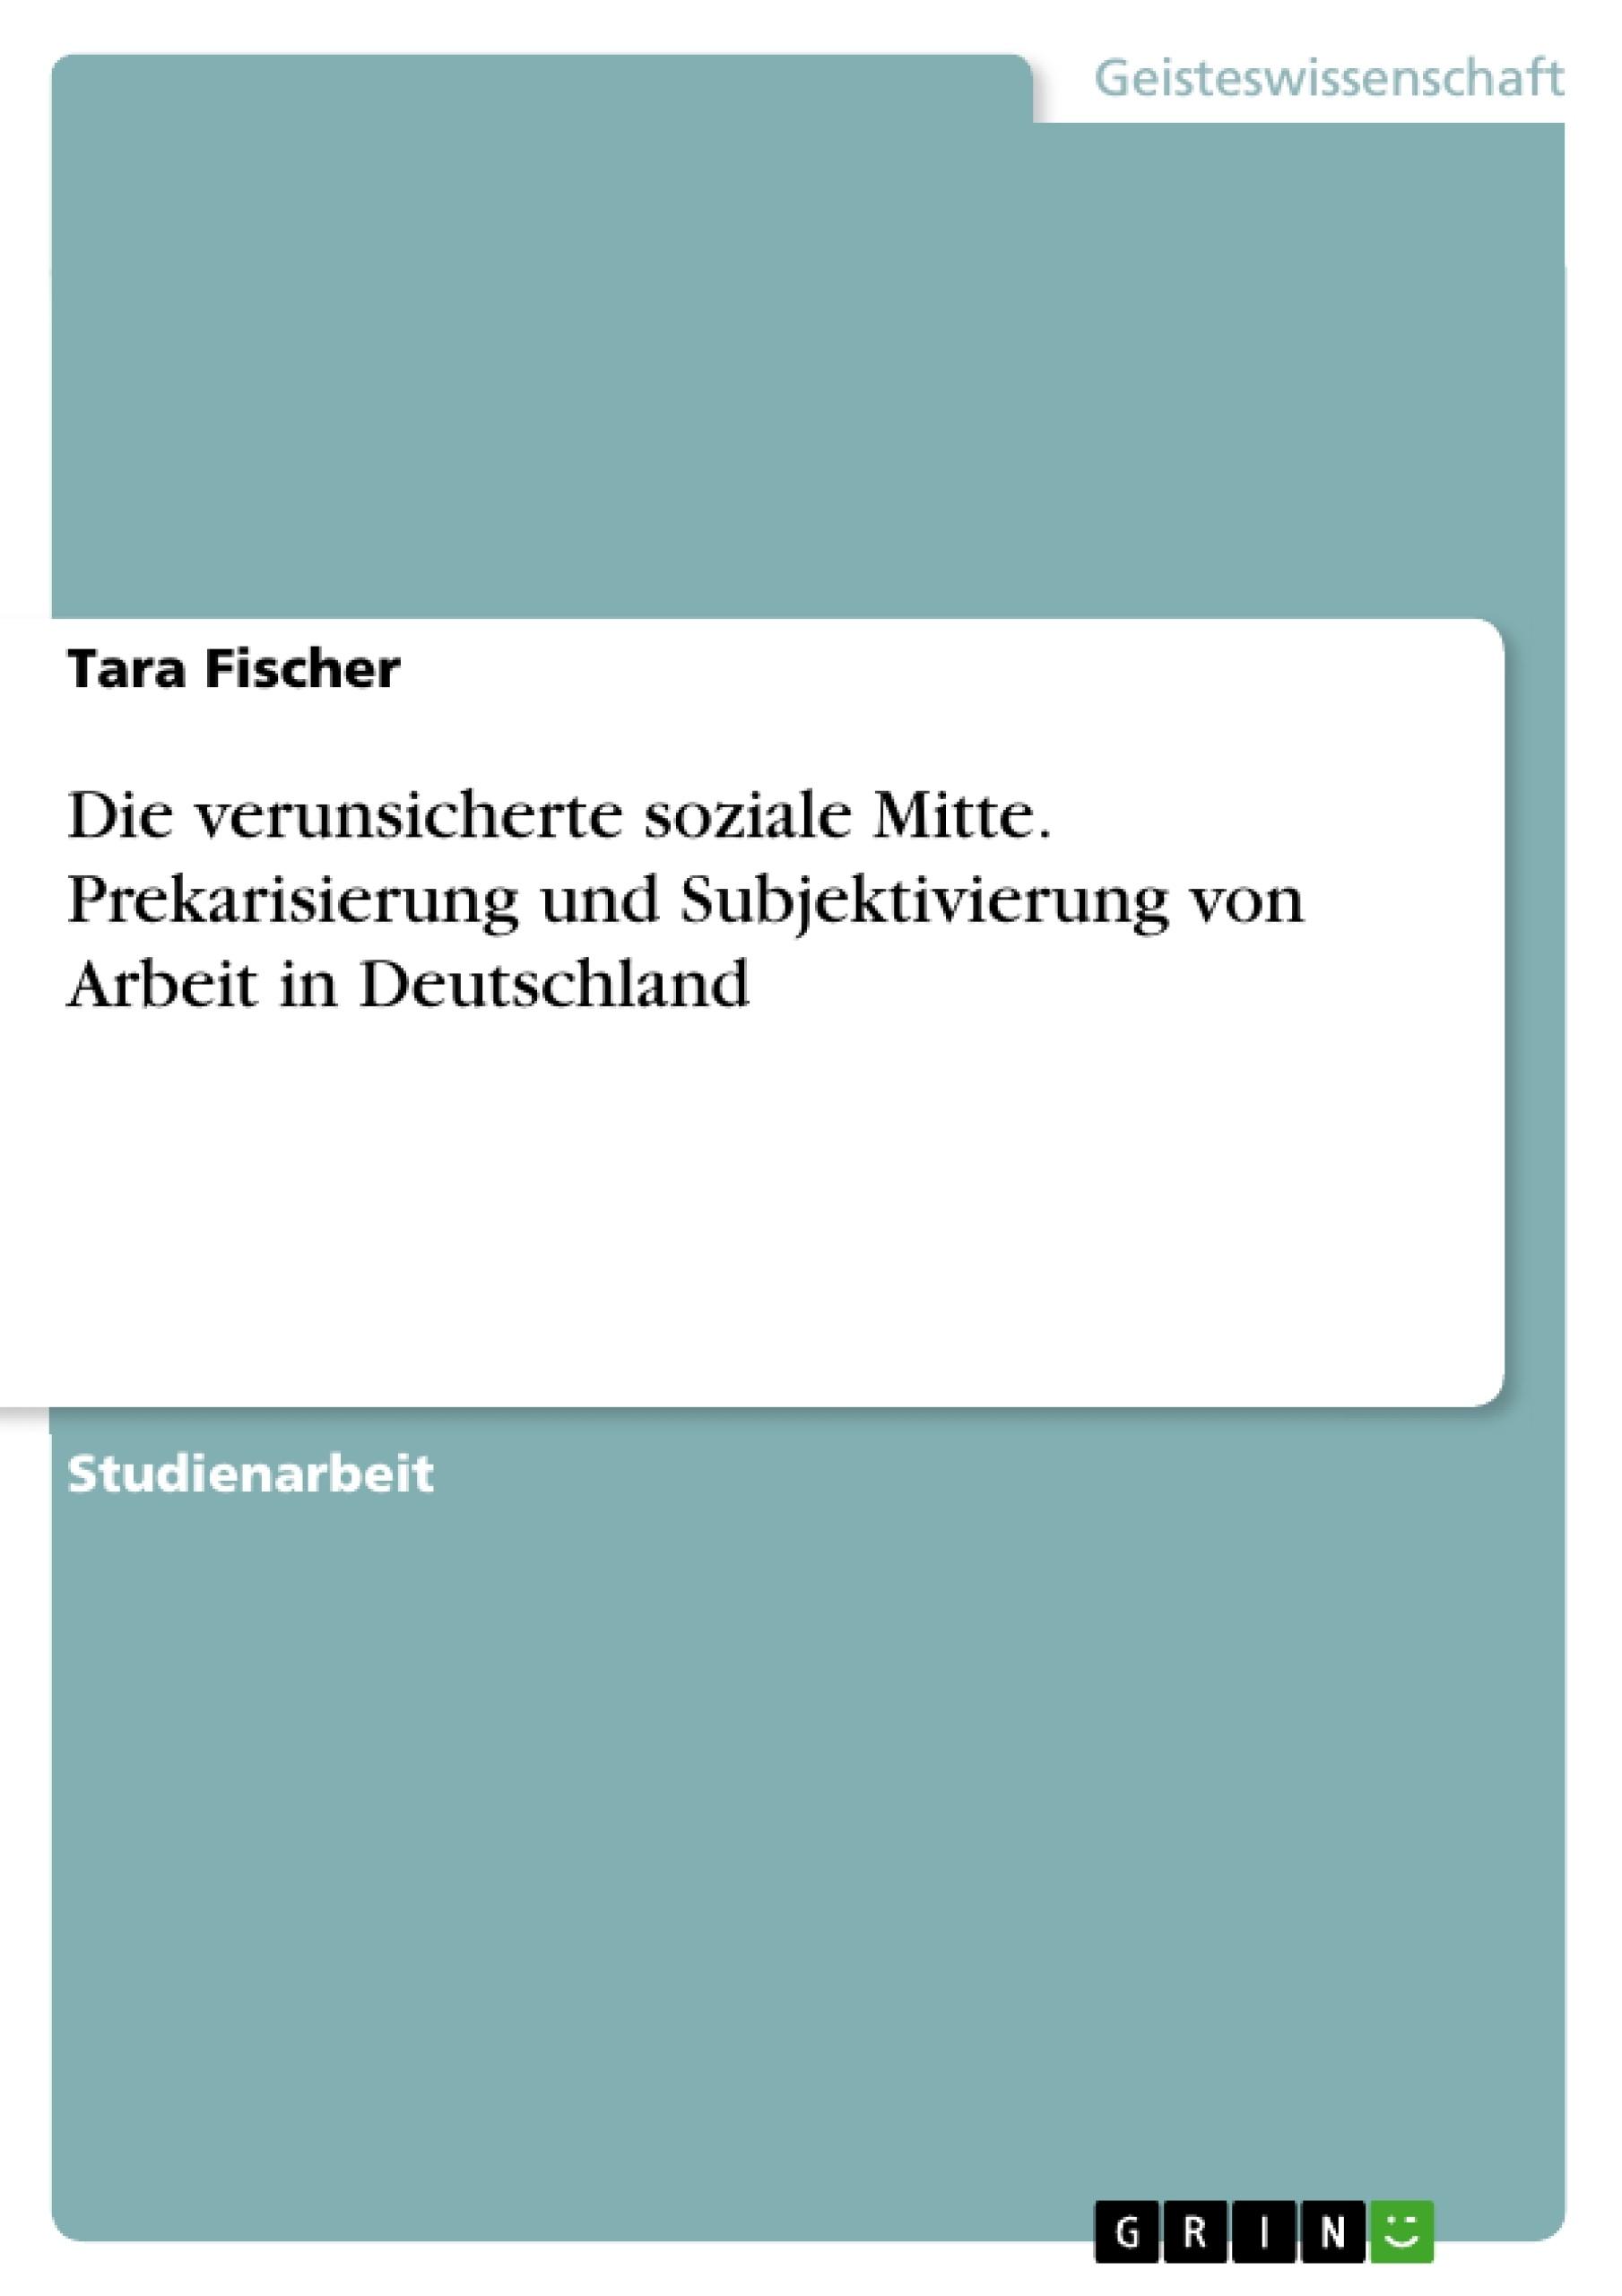 Titel: Die verunsicherte soziale Mitte. Prekarisierung und Subjektivierung von Arbeit in Deutschland